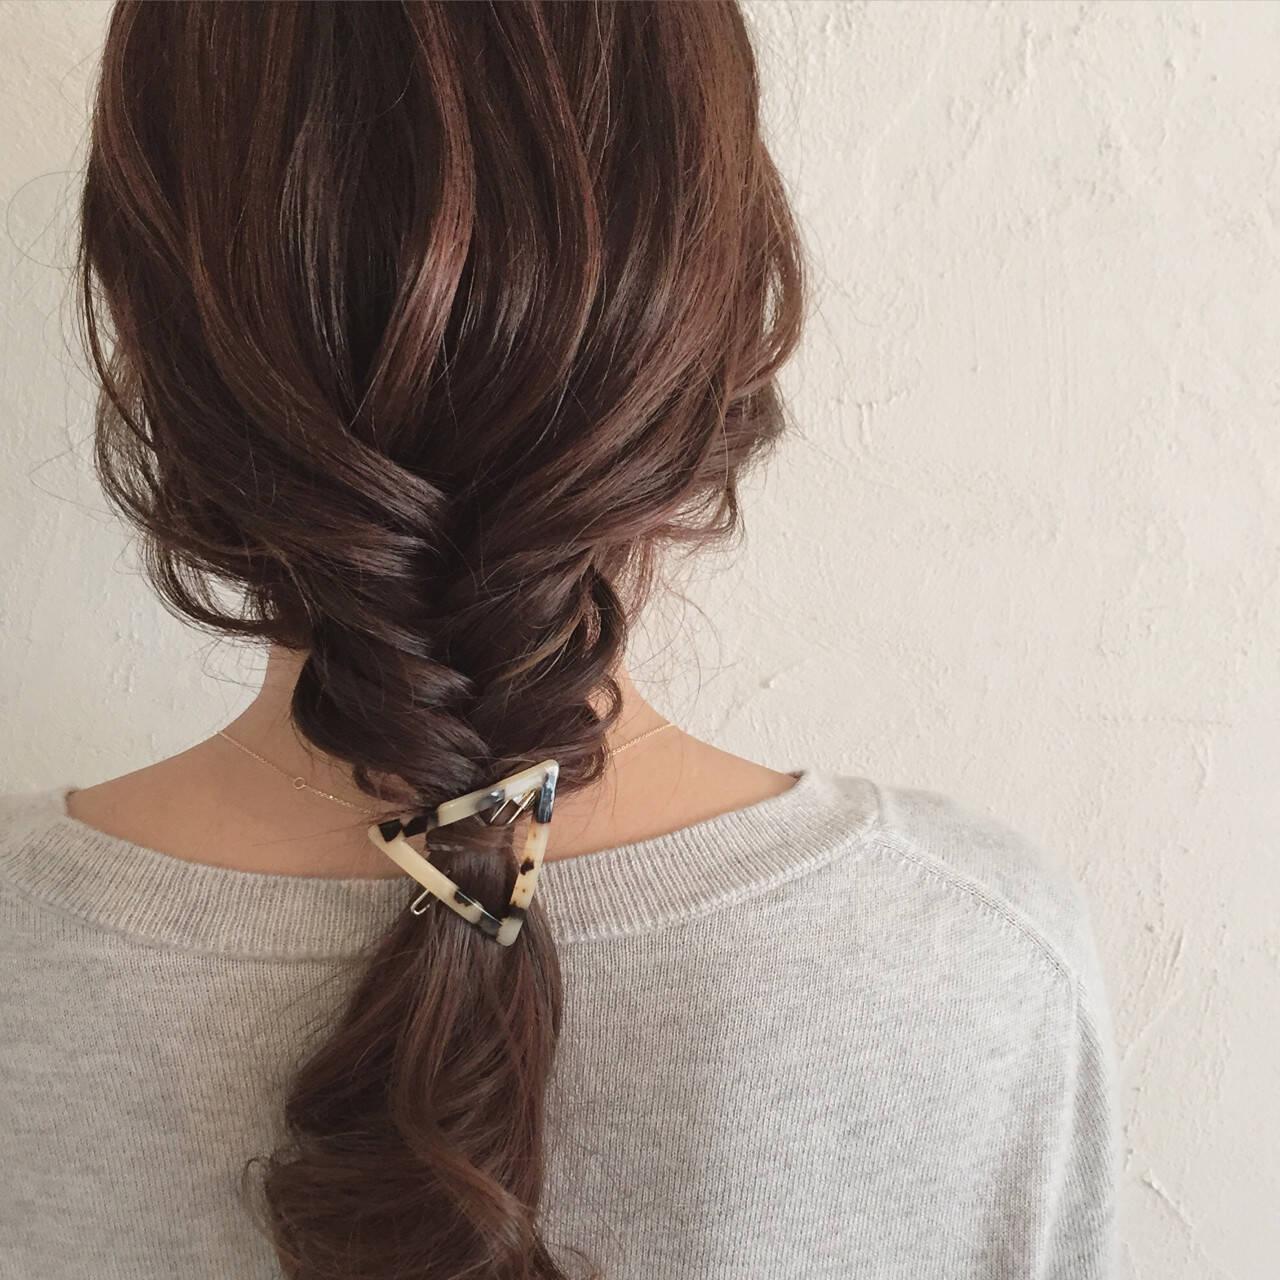 フィッシュボーン ヘアアレンジ ミディアム 簡単ヘアアレンジヘアスタイルや髪型の写真・画像